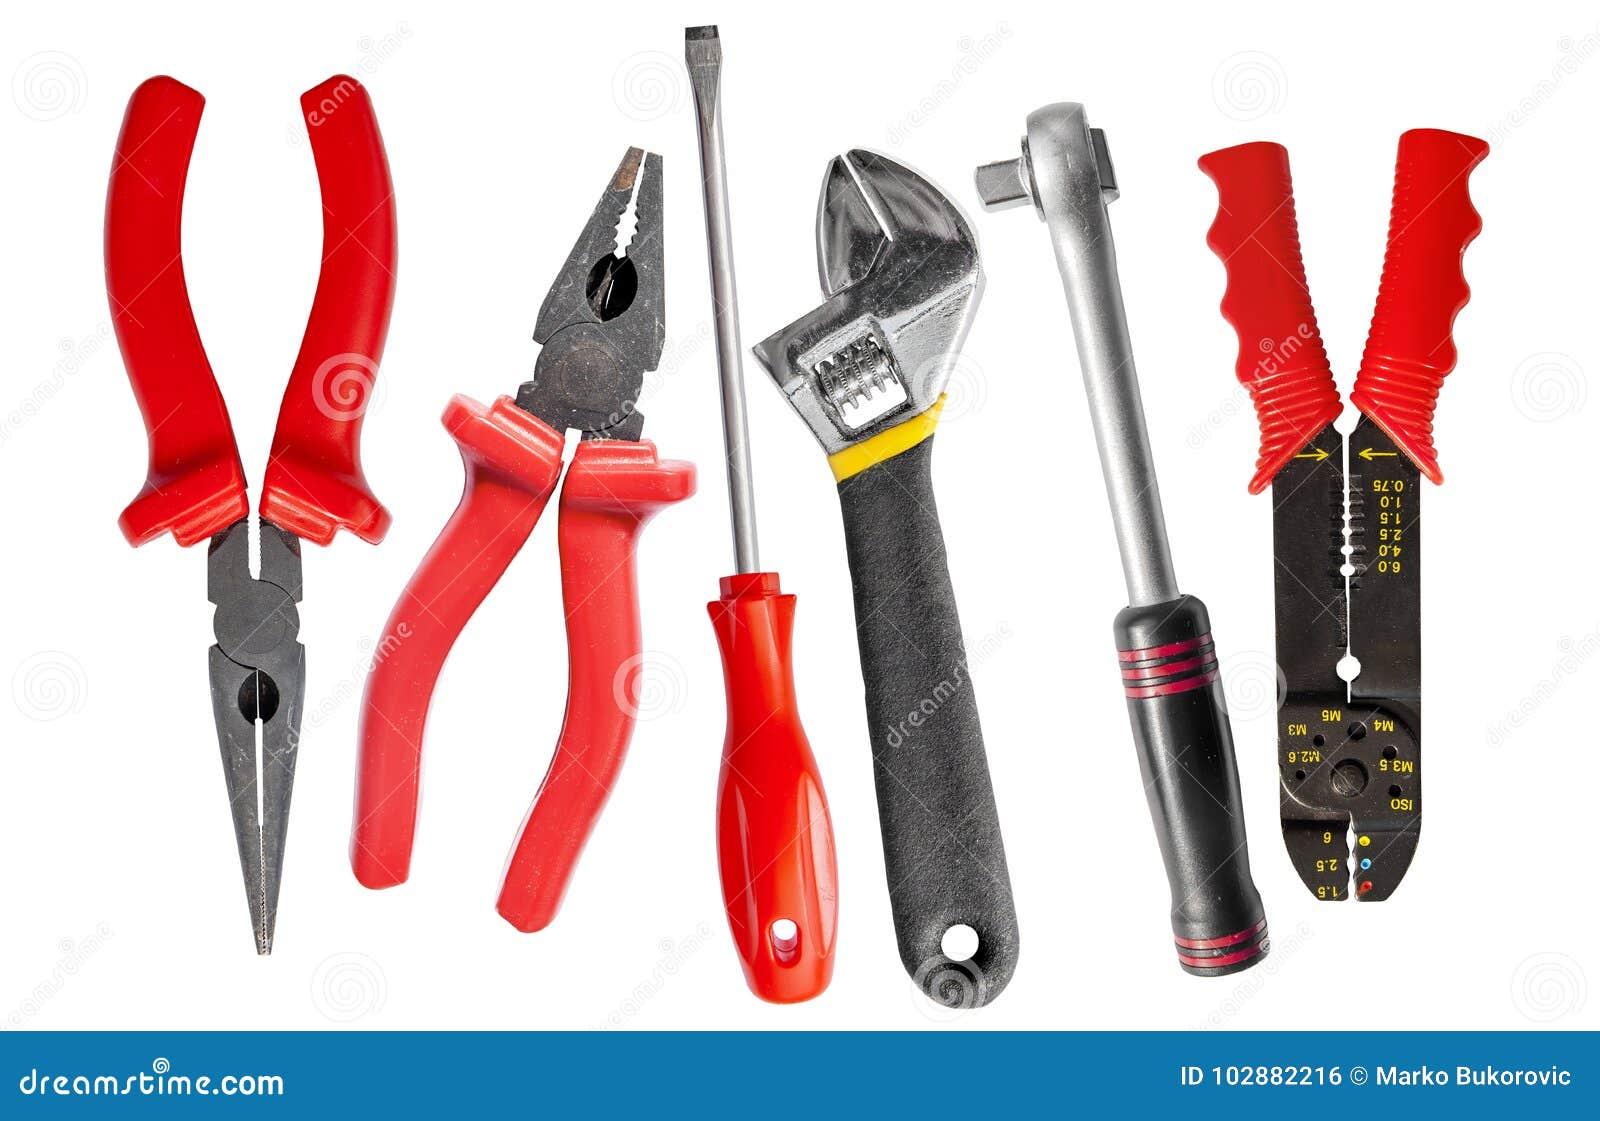 Σύνολο εργαλείων γαλλικού κλειδιού, διευθετήσιμου κλειδιού, πενσών και κατσαβιδιού